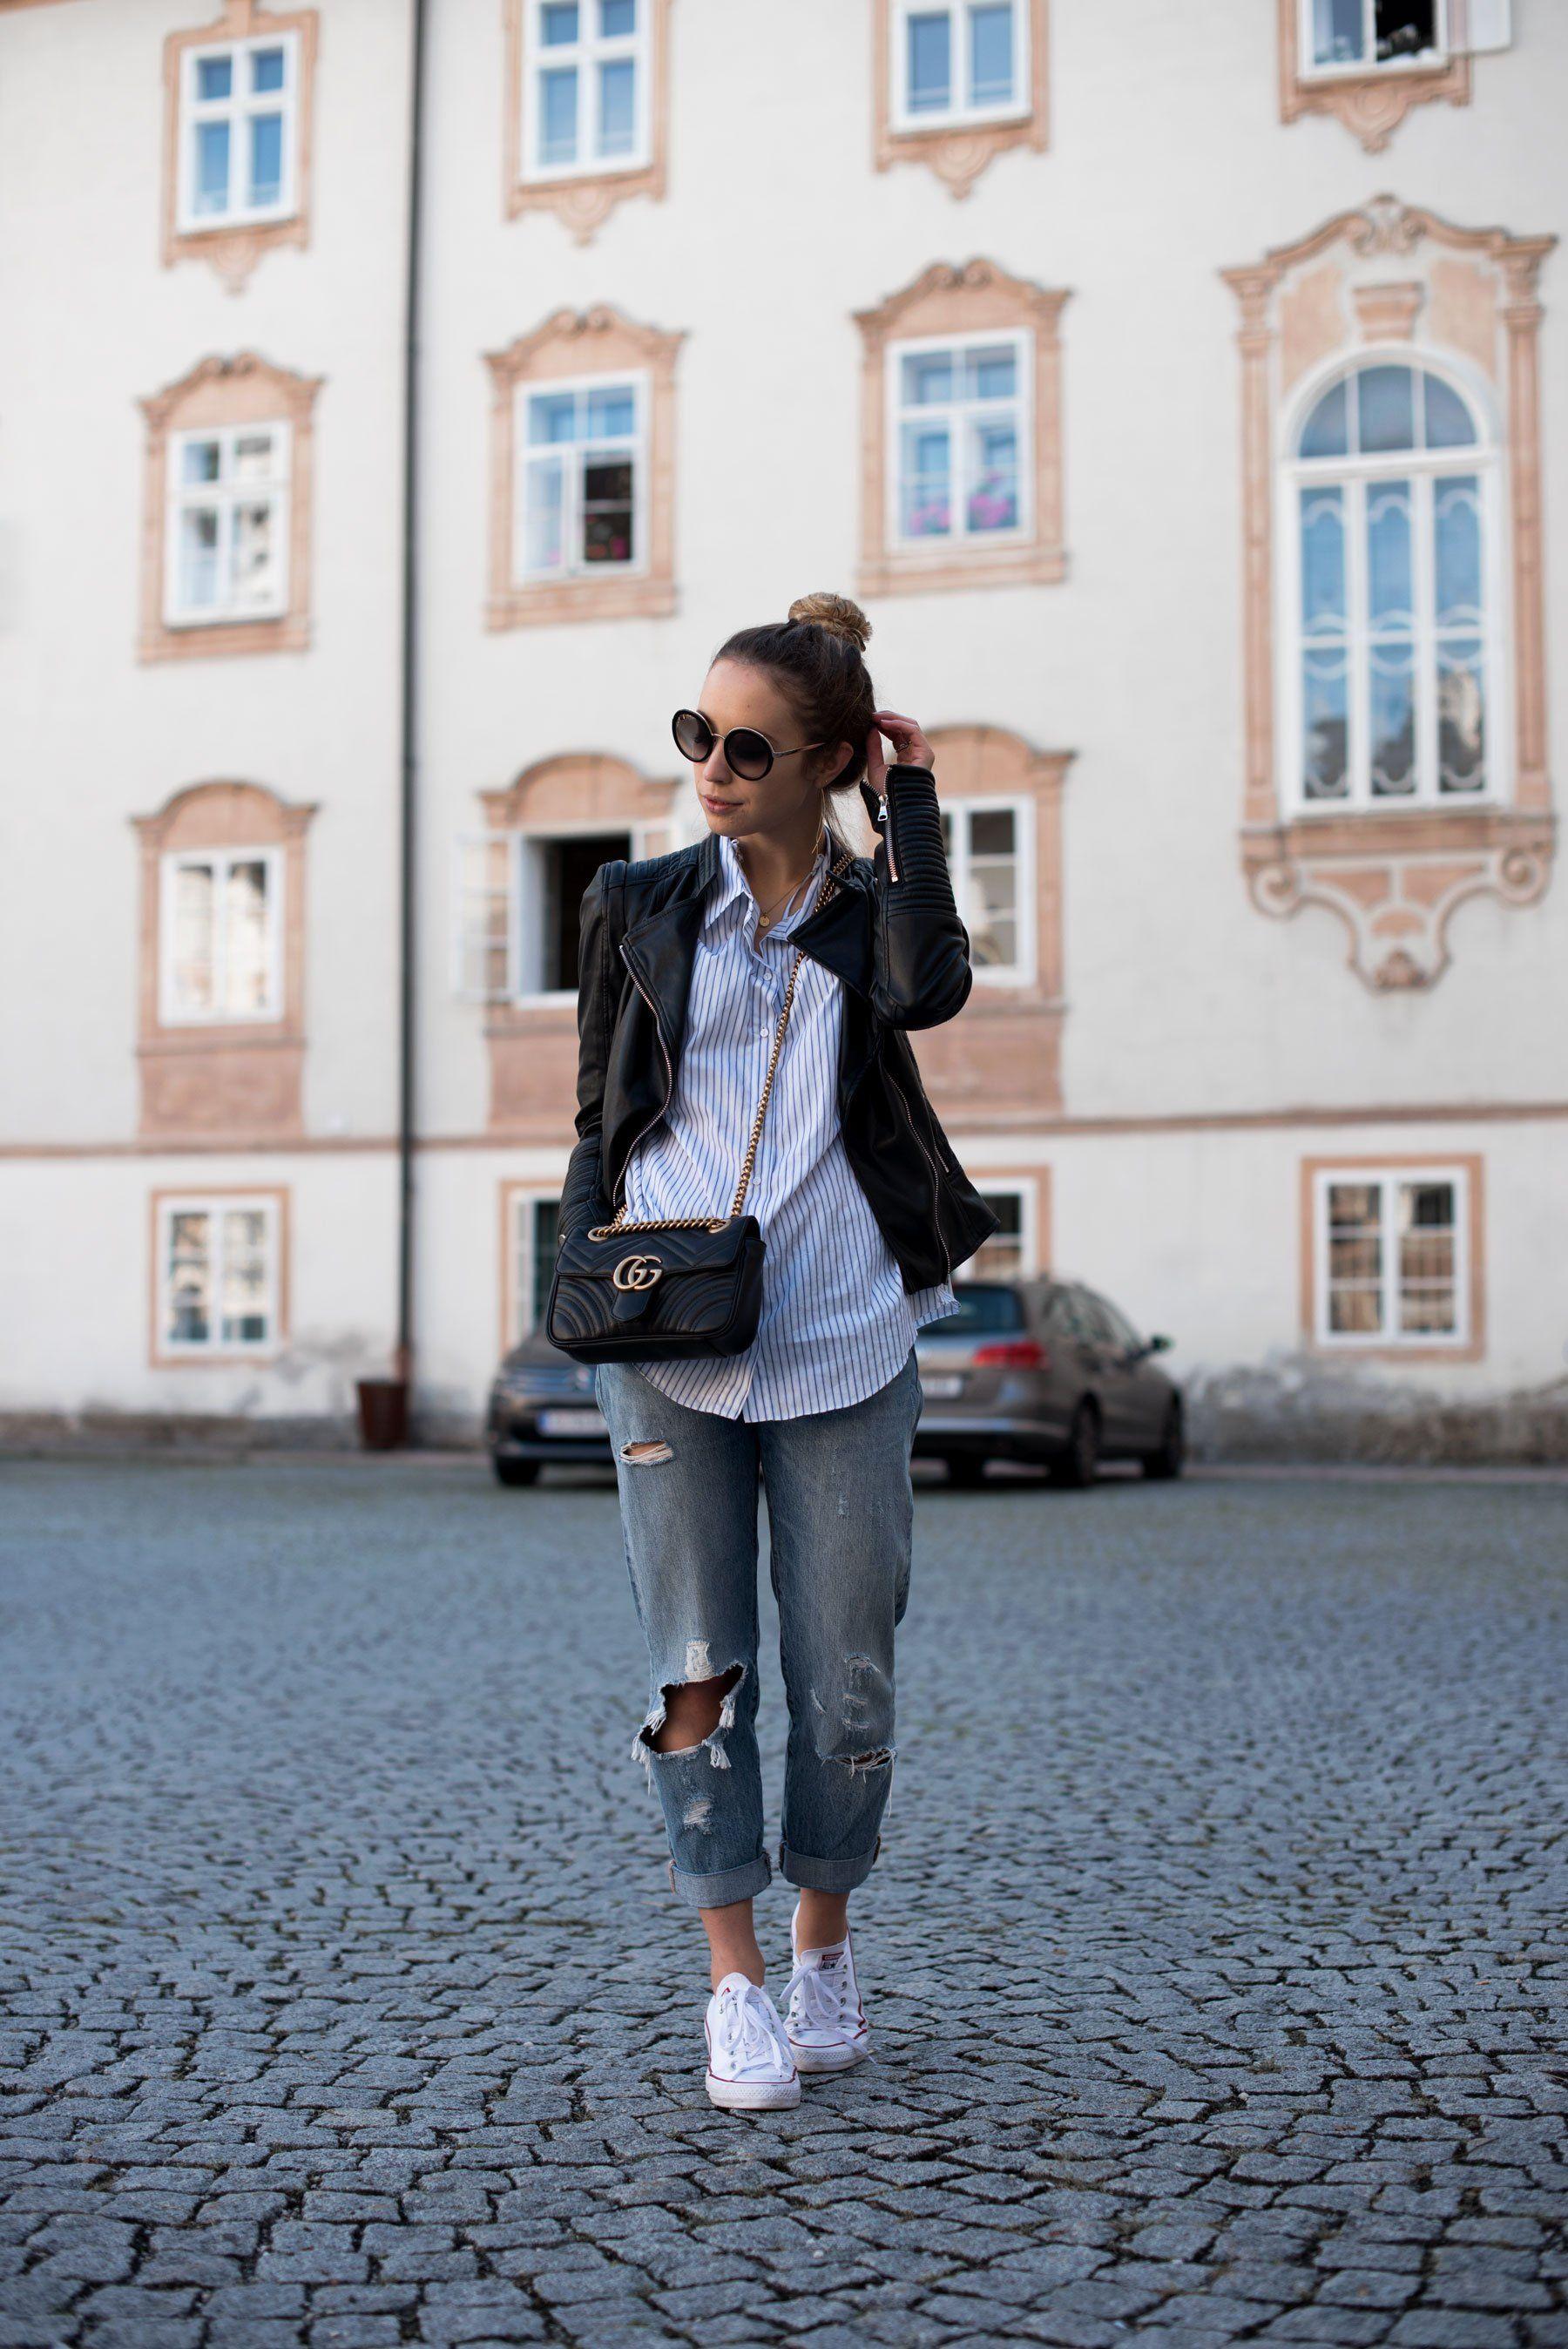 95868343e3 Styling Tipps kleine Frauen, Mode für kleine Frauen, Styling Ideas,  Boyfriend Jeans,